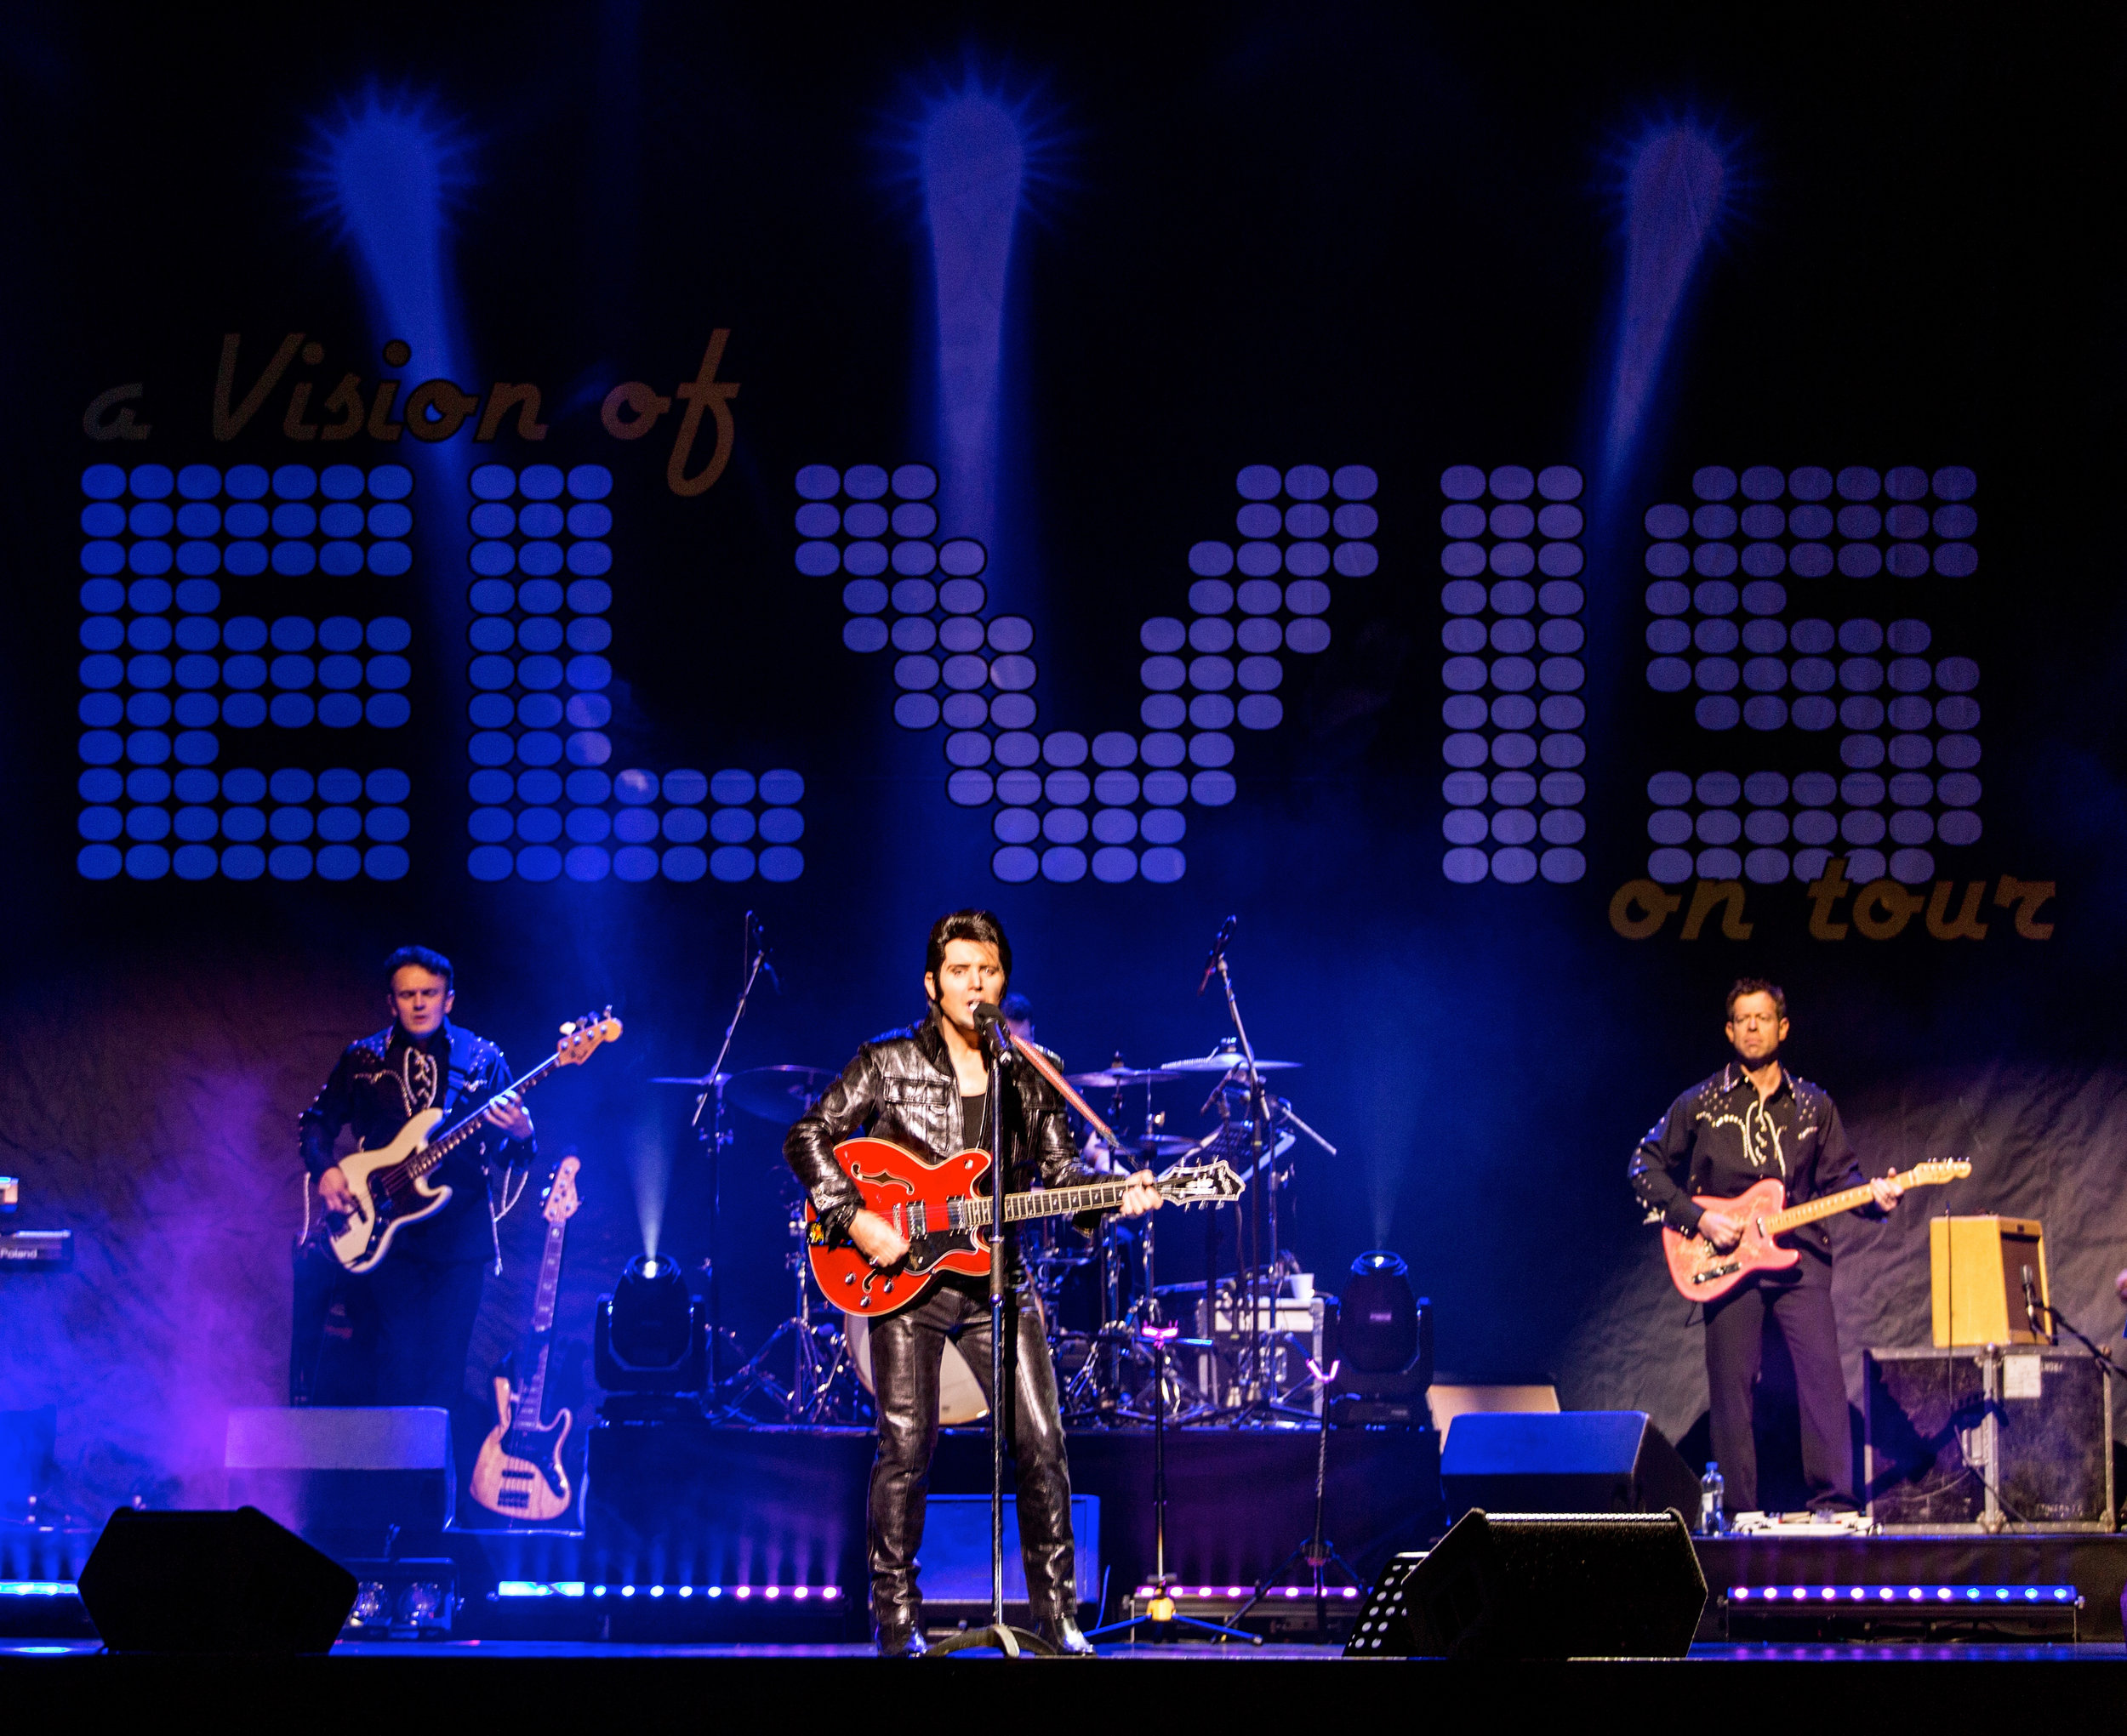 2 Elvis leathers.jpg